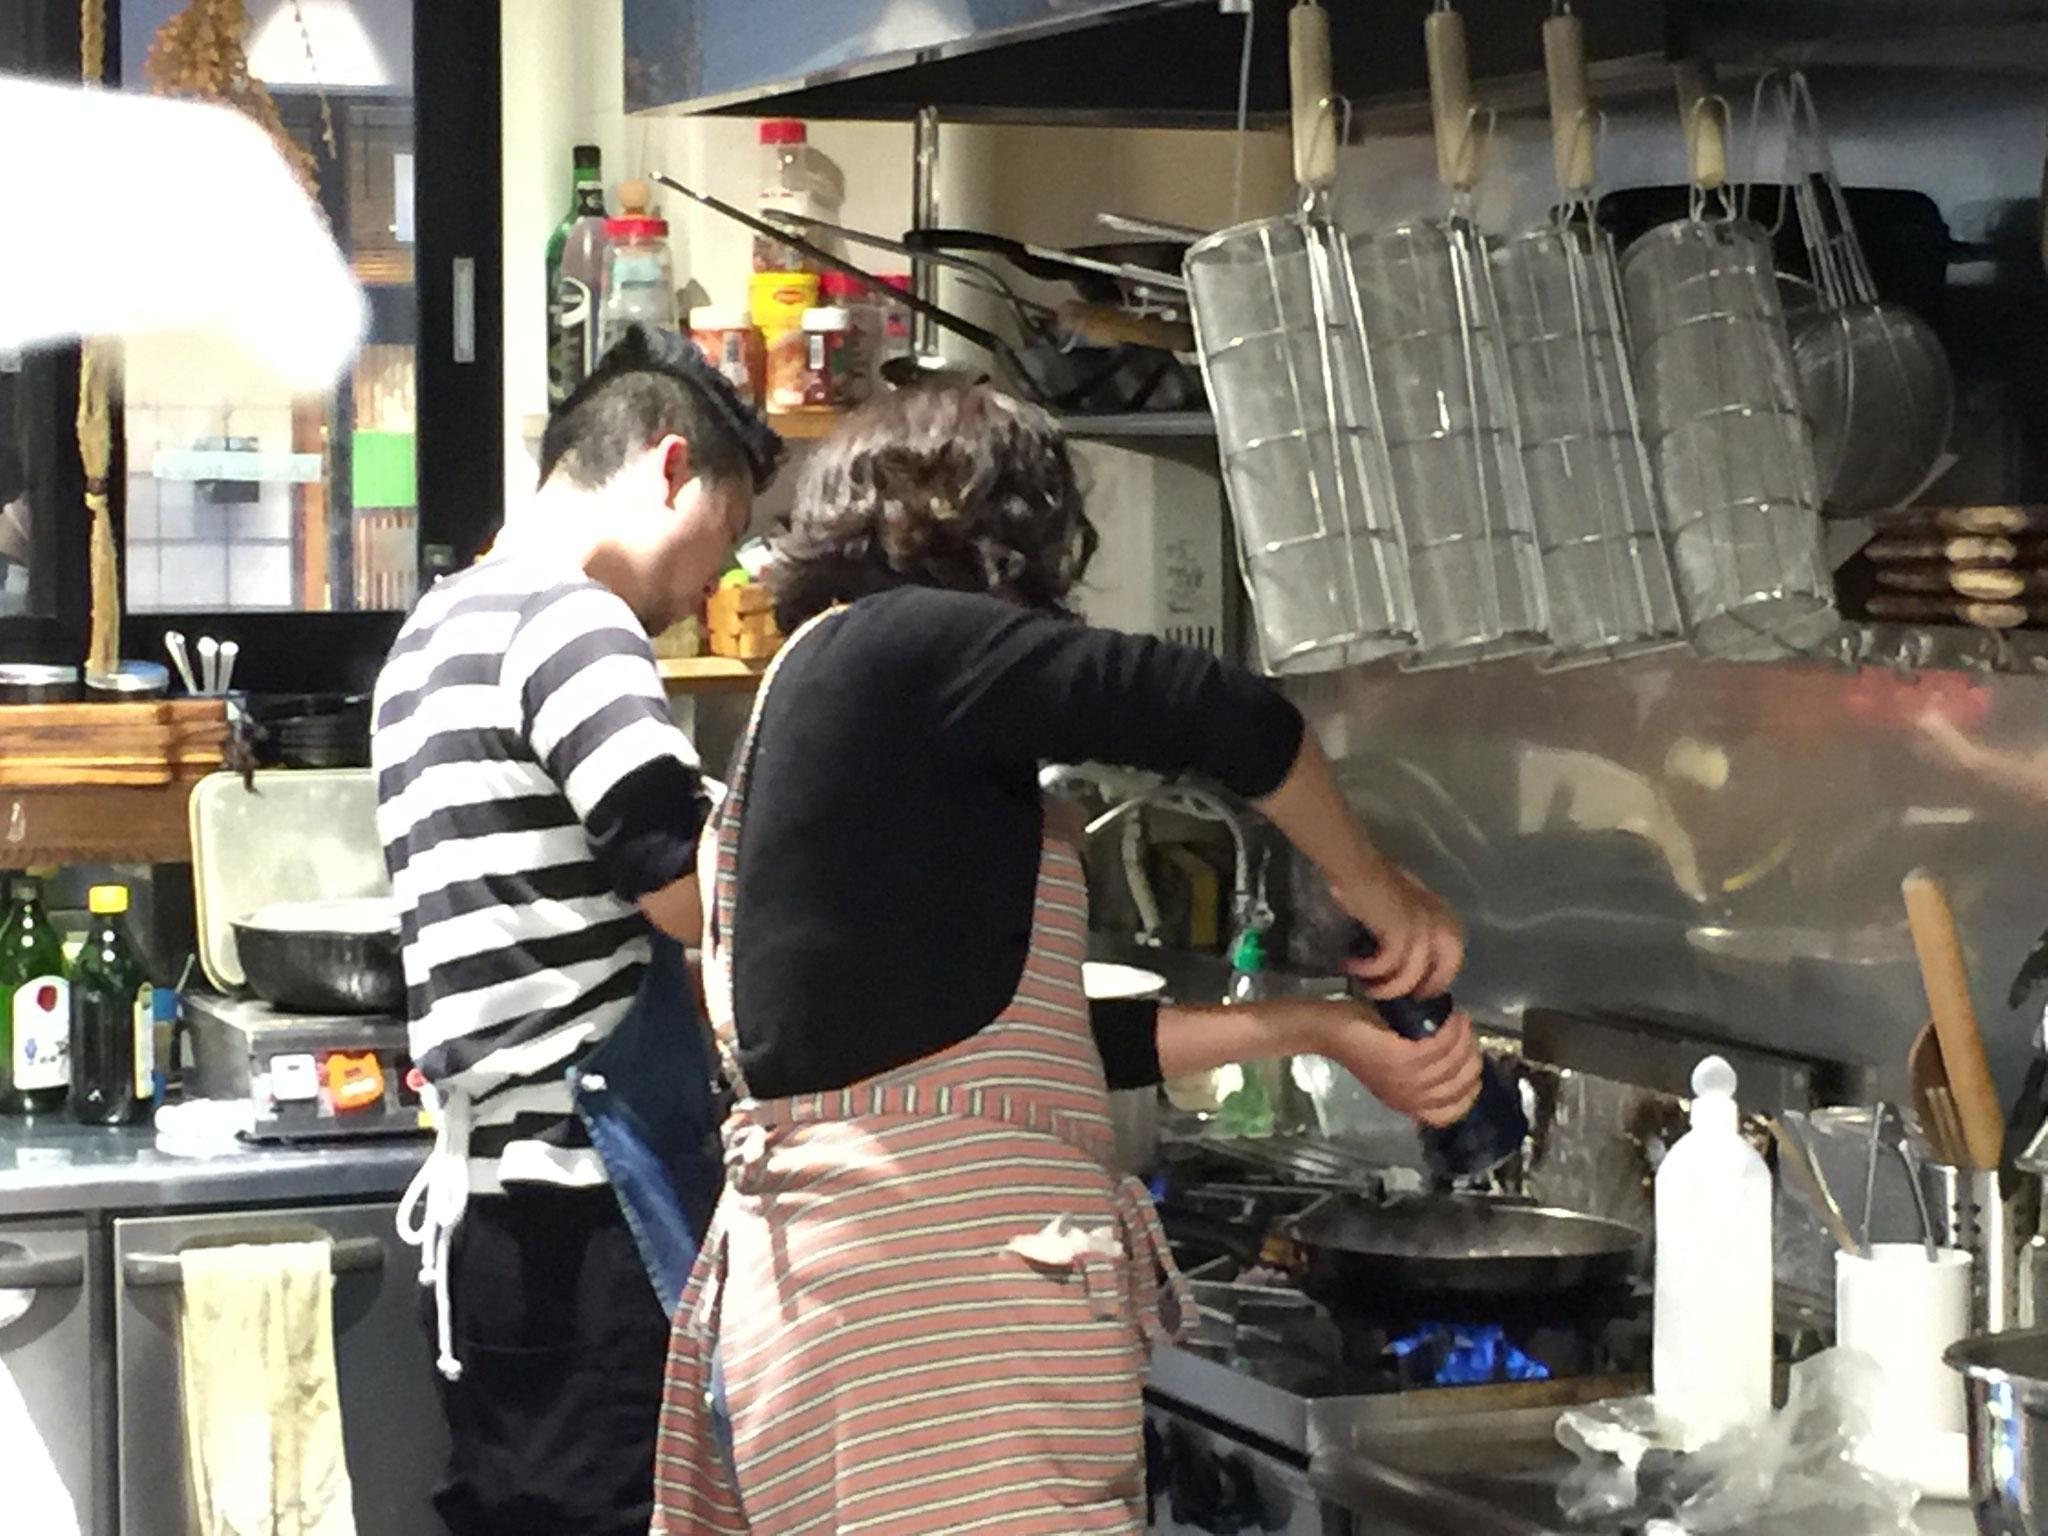 山口さんは「ファニーファーム」さんの厨房をお借りして